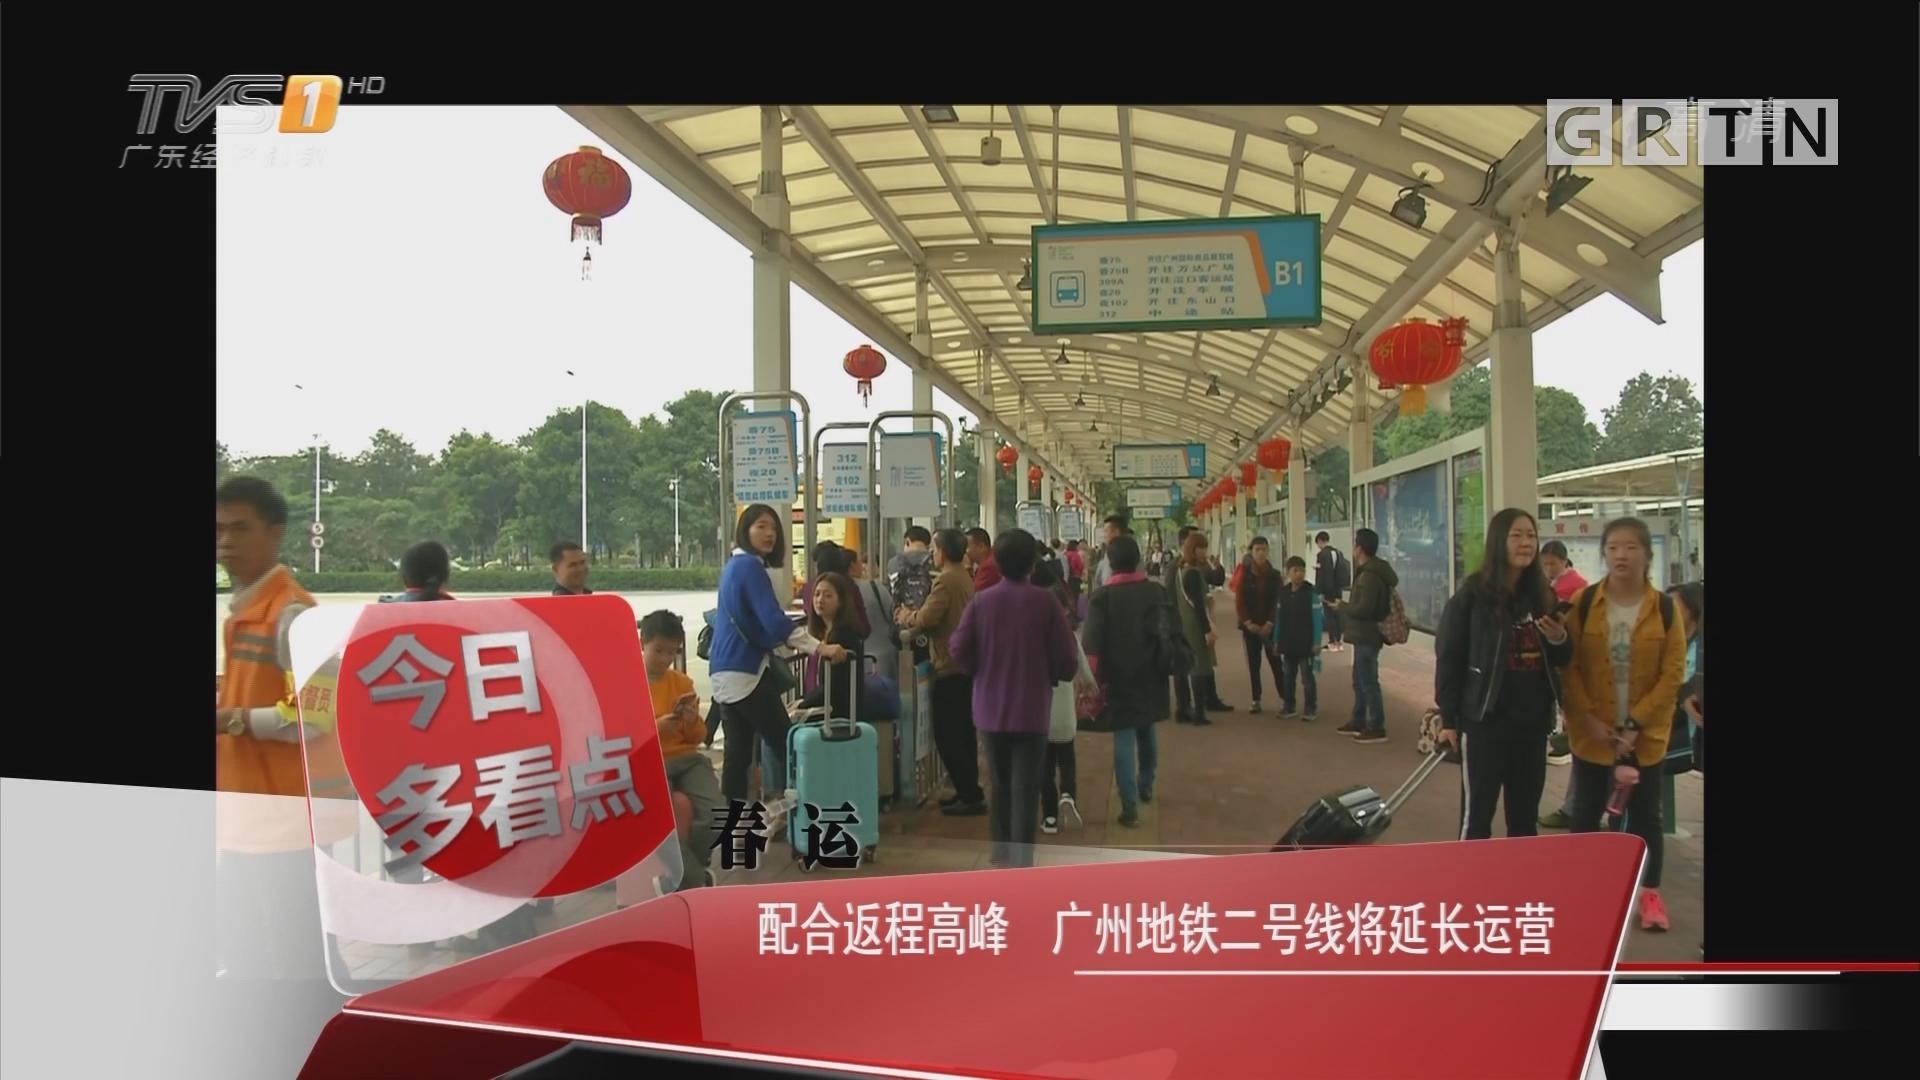 春运:配合返程高峰 广州地铁二号线将延长运营